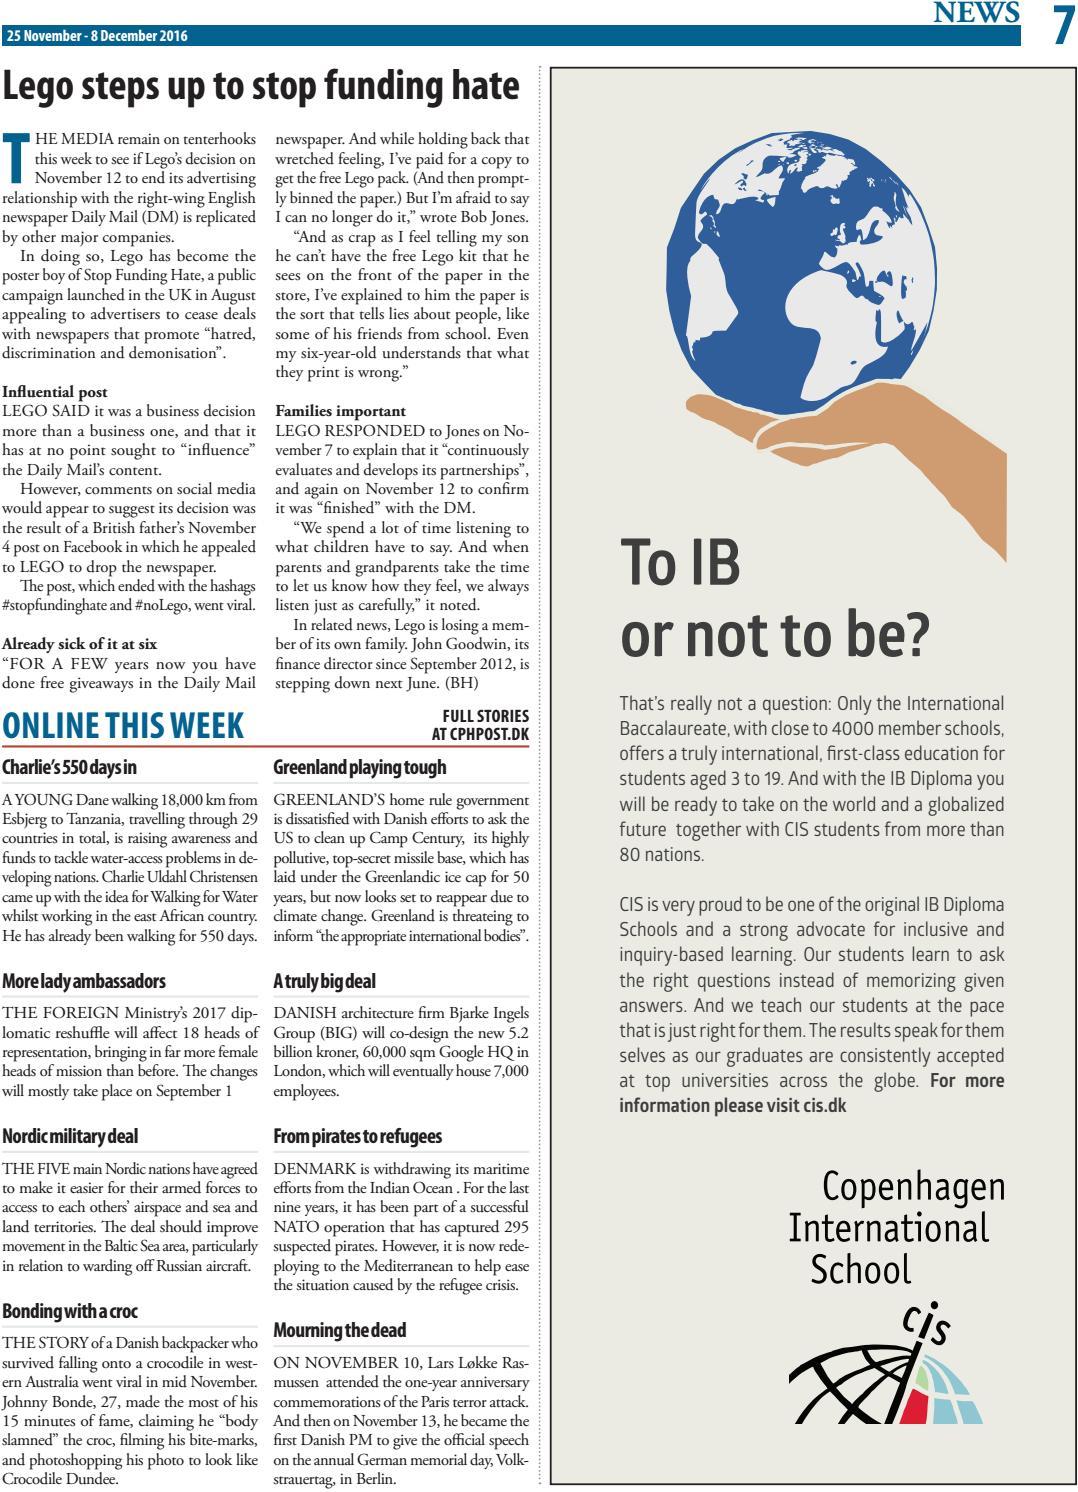 The Copenhagen Post, November 25 - December 8